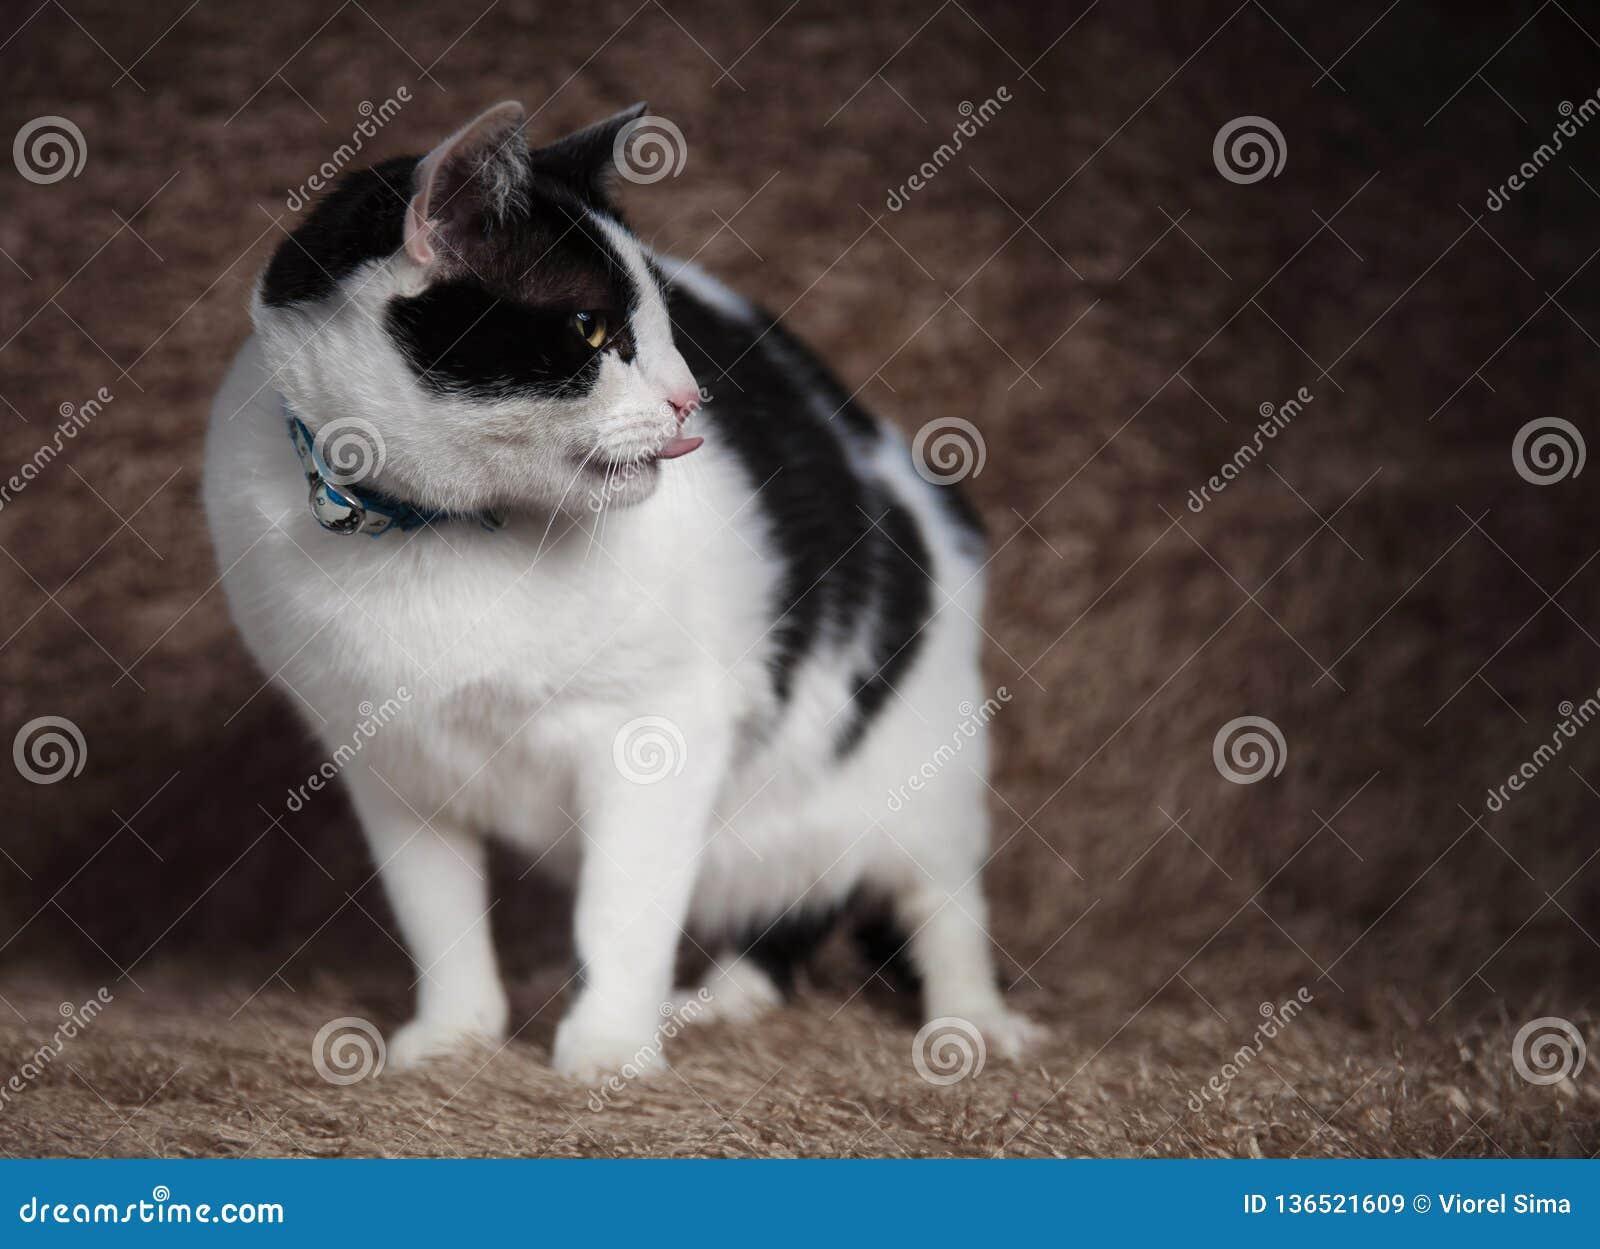 Gato adorable que lleva miradas del cuello azul para echar a un lado mientras que jadea